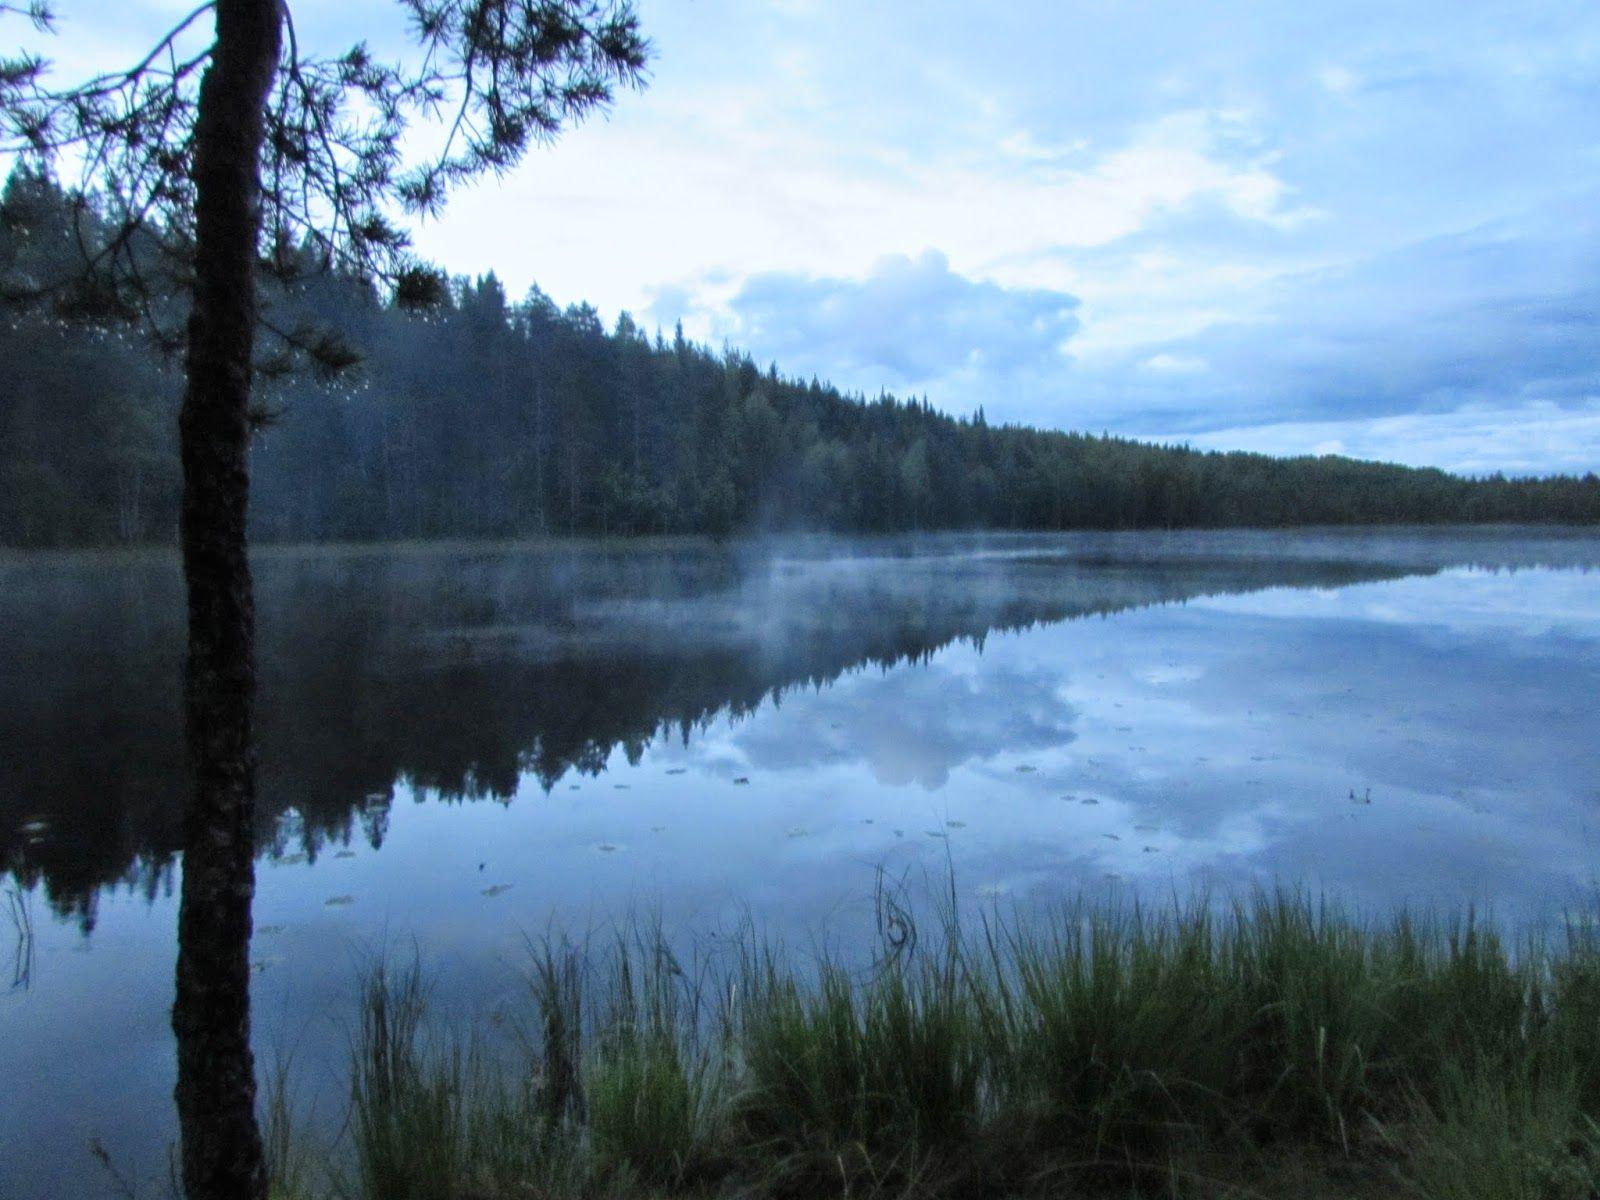 Midsummernight at Iso Ruokejärvi, Helvetinjärvi National Park       Finnish nature through my eyes - Sari Lapikisto